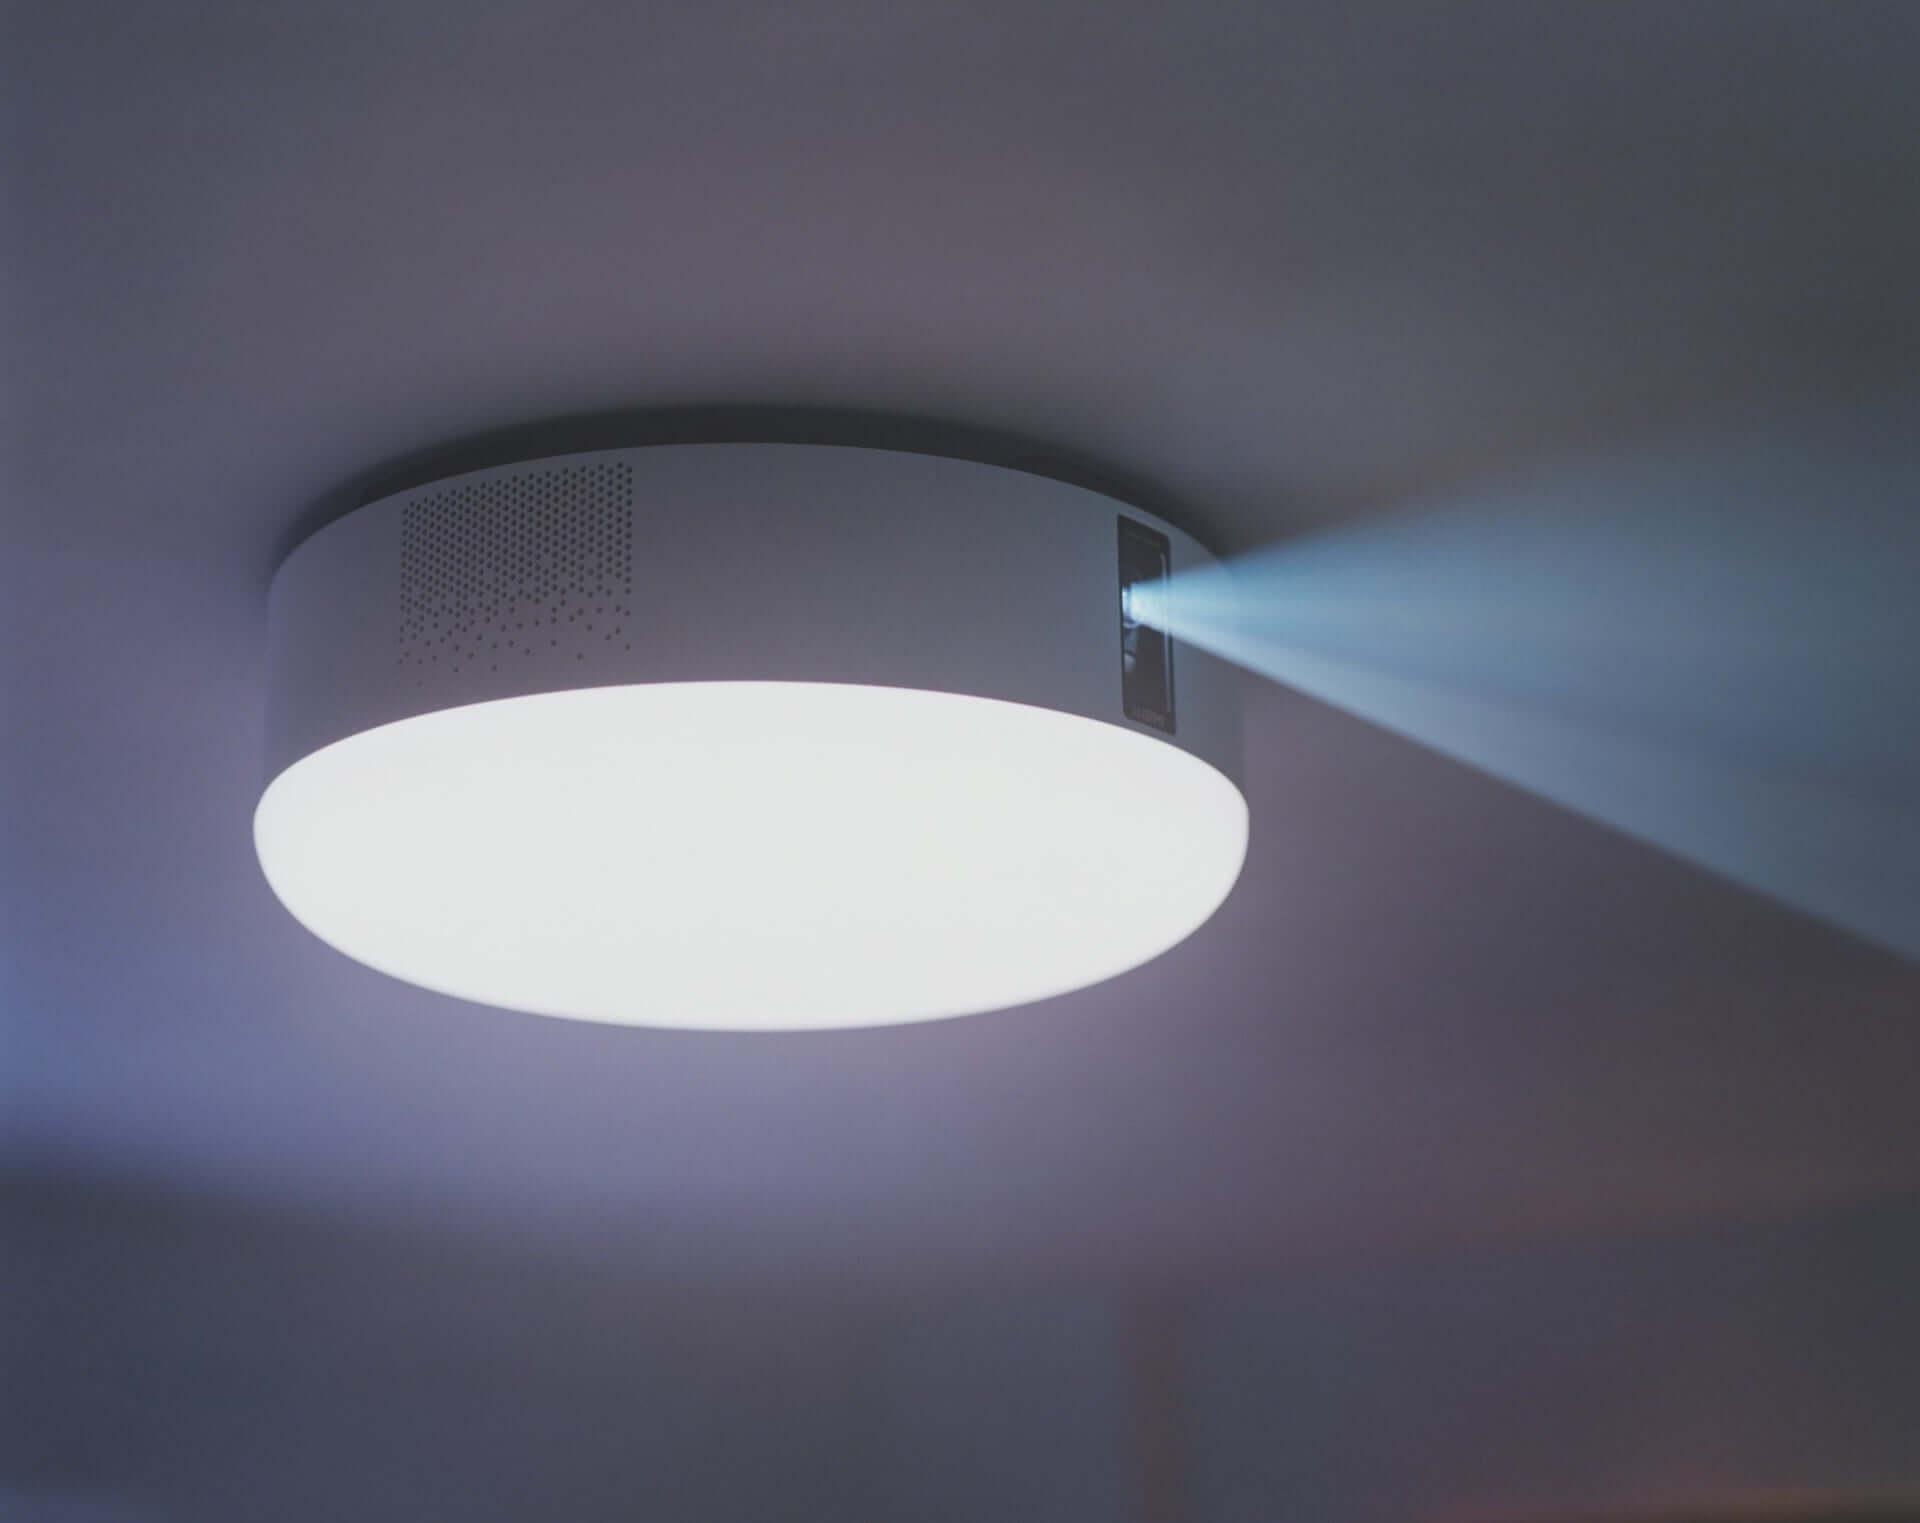 寝室で手軽にホームシアターを!世界初プロジェクター付きシーリングライト、動画配信サービス「U-NEXT」が追加 technology190816popin-aladdin_2-1920x1523